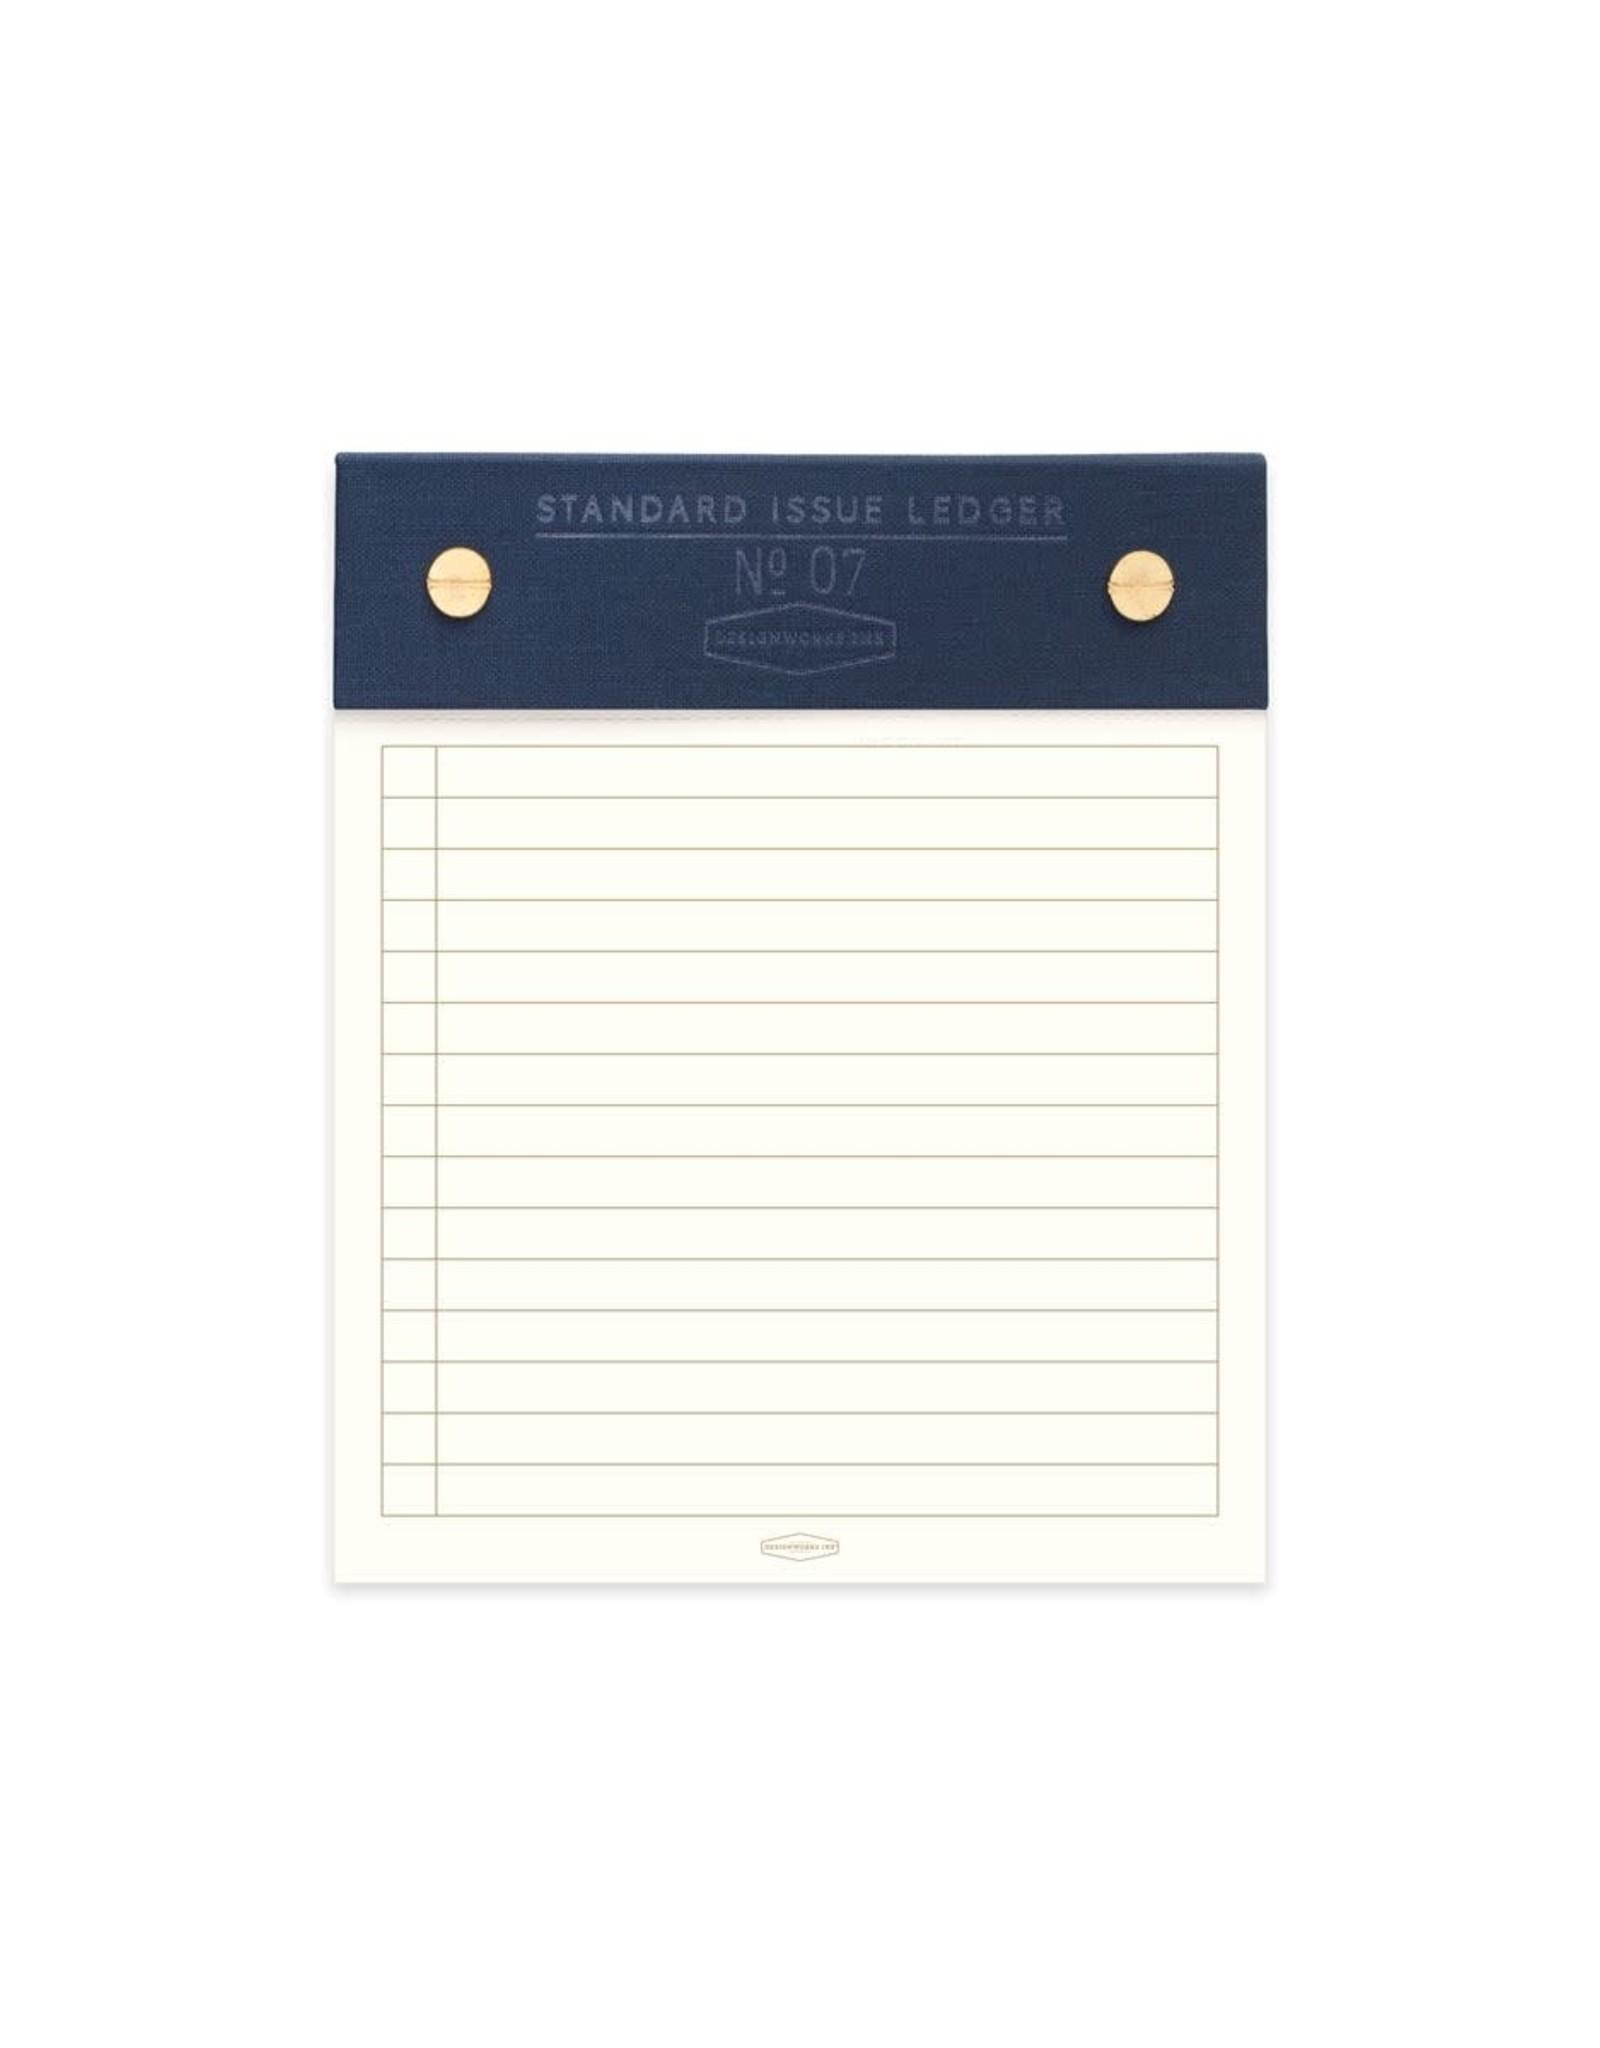 Designworks Ink Standard Issue Post Bound Note Pad No. 7